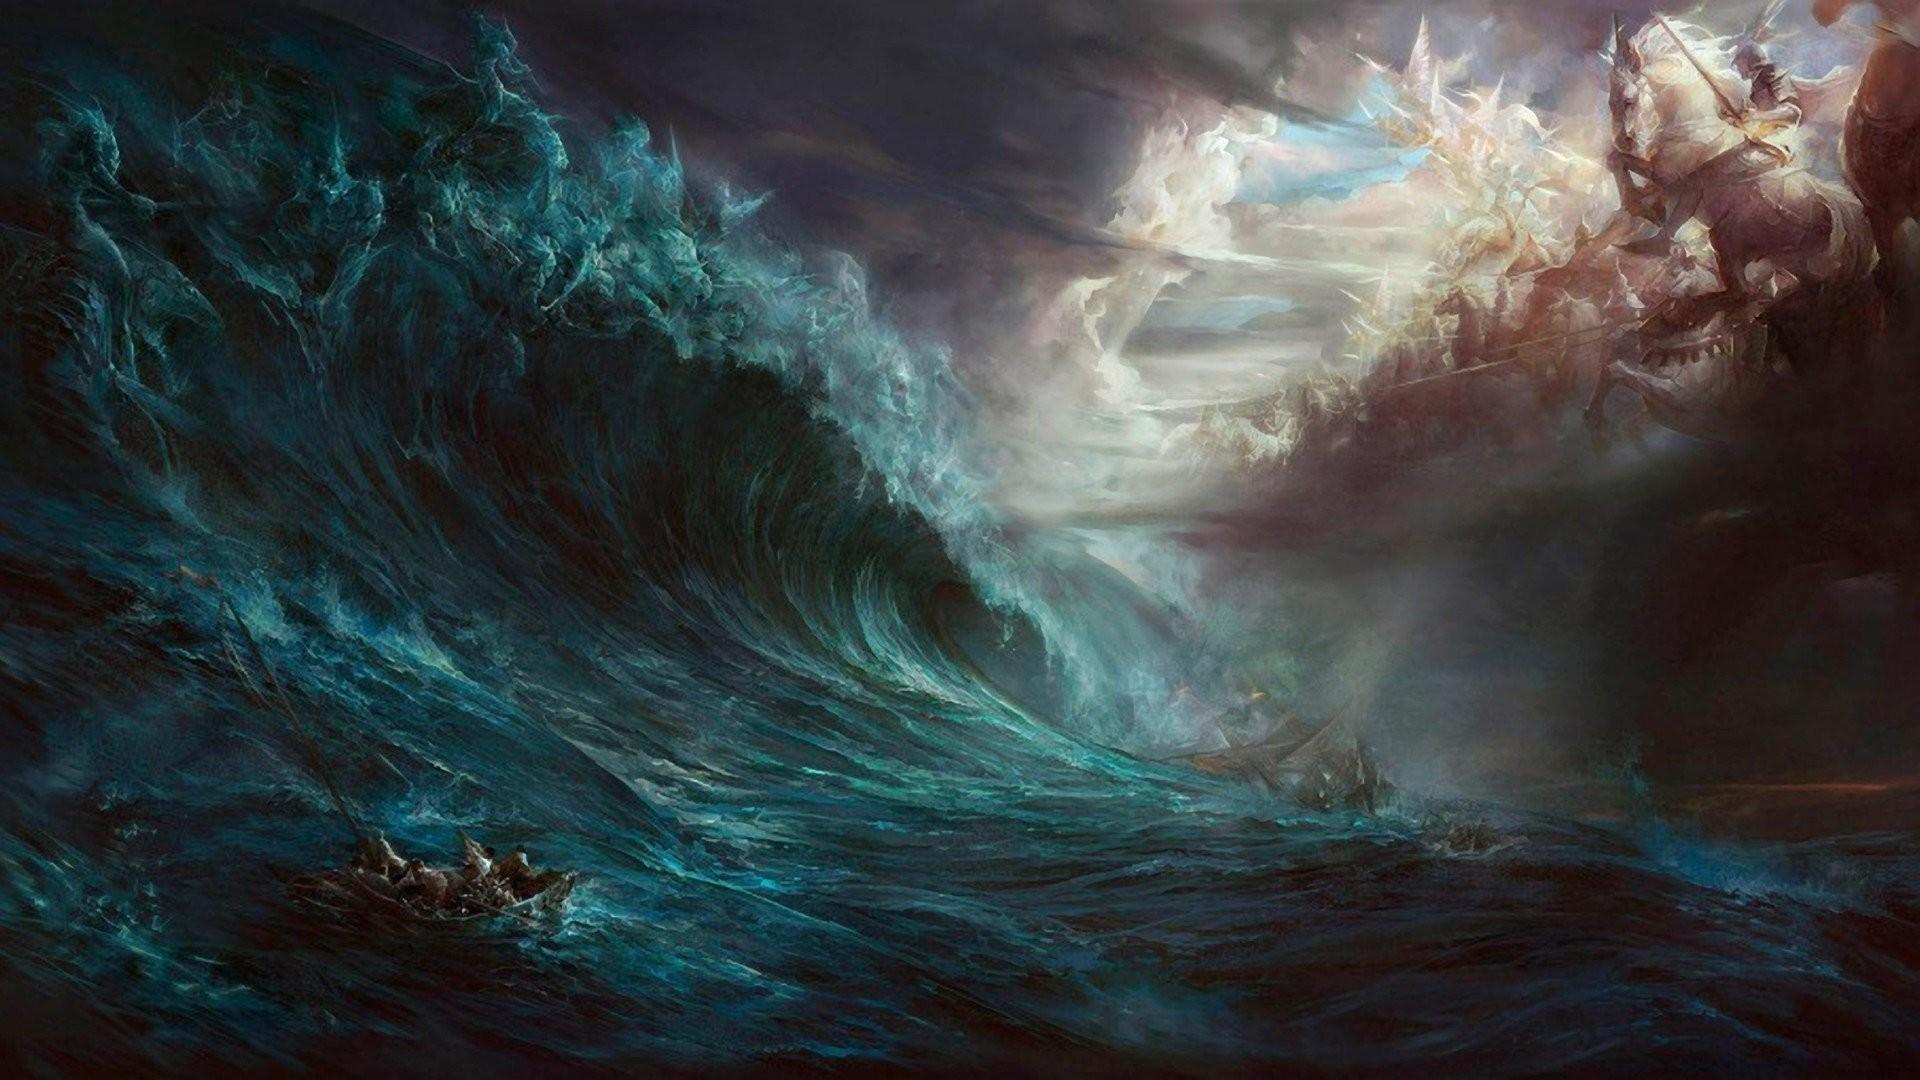 Res: 1920x1080, Ocean Storm Wallpaper Desktop Background